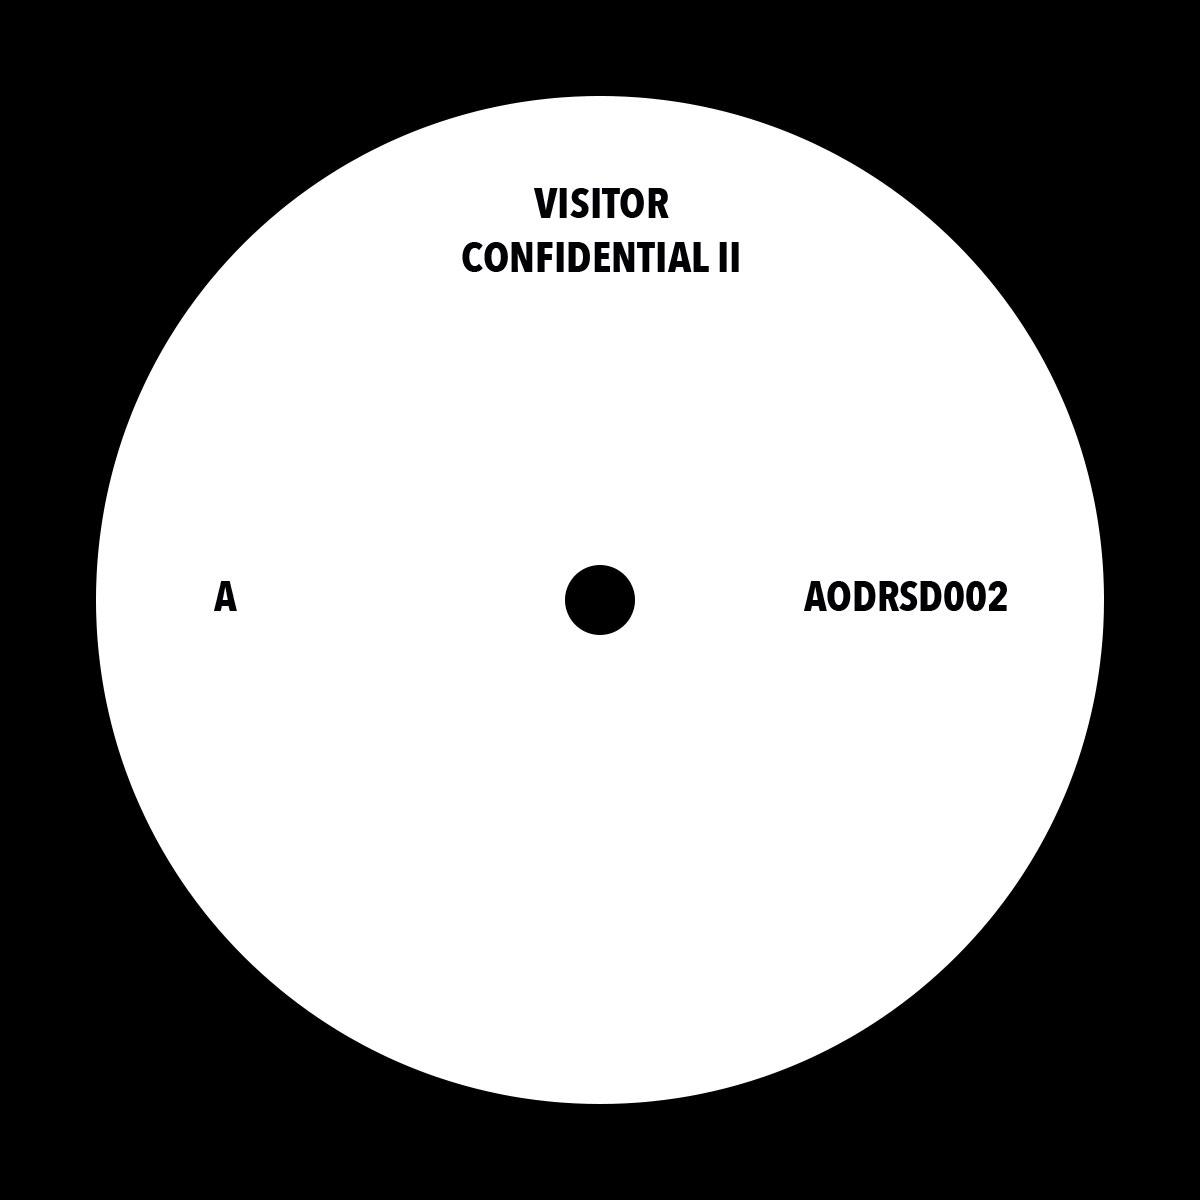 Visitor - Confidential II